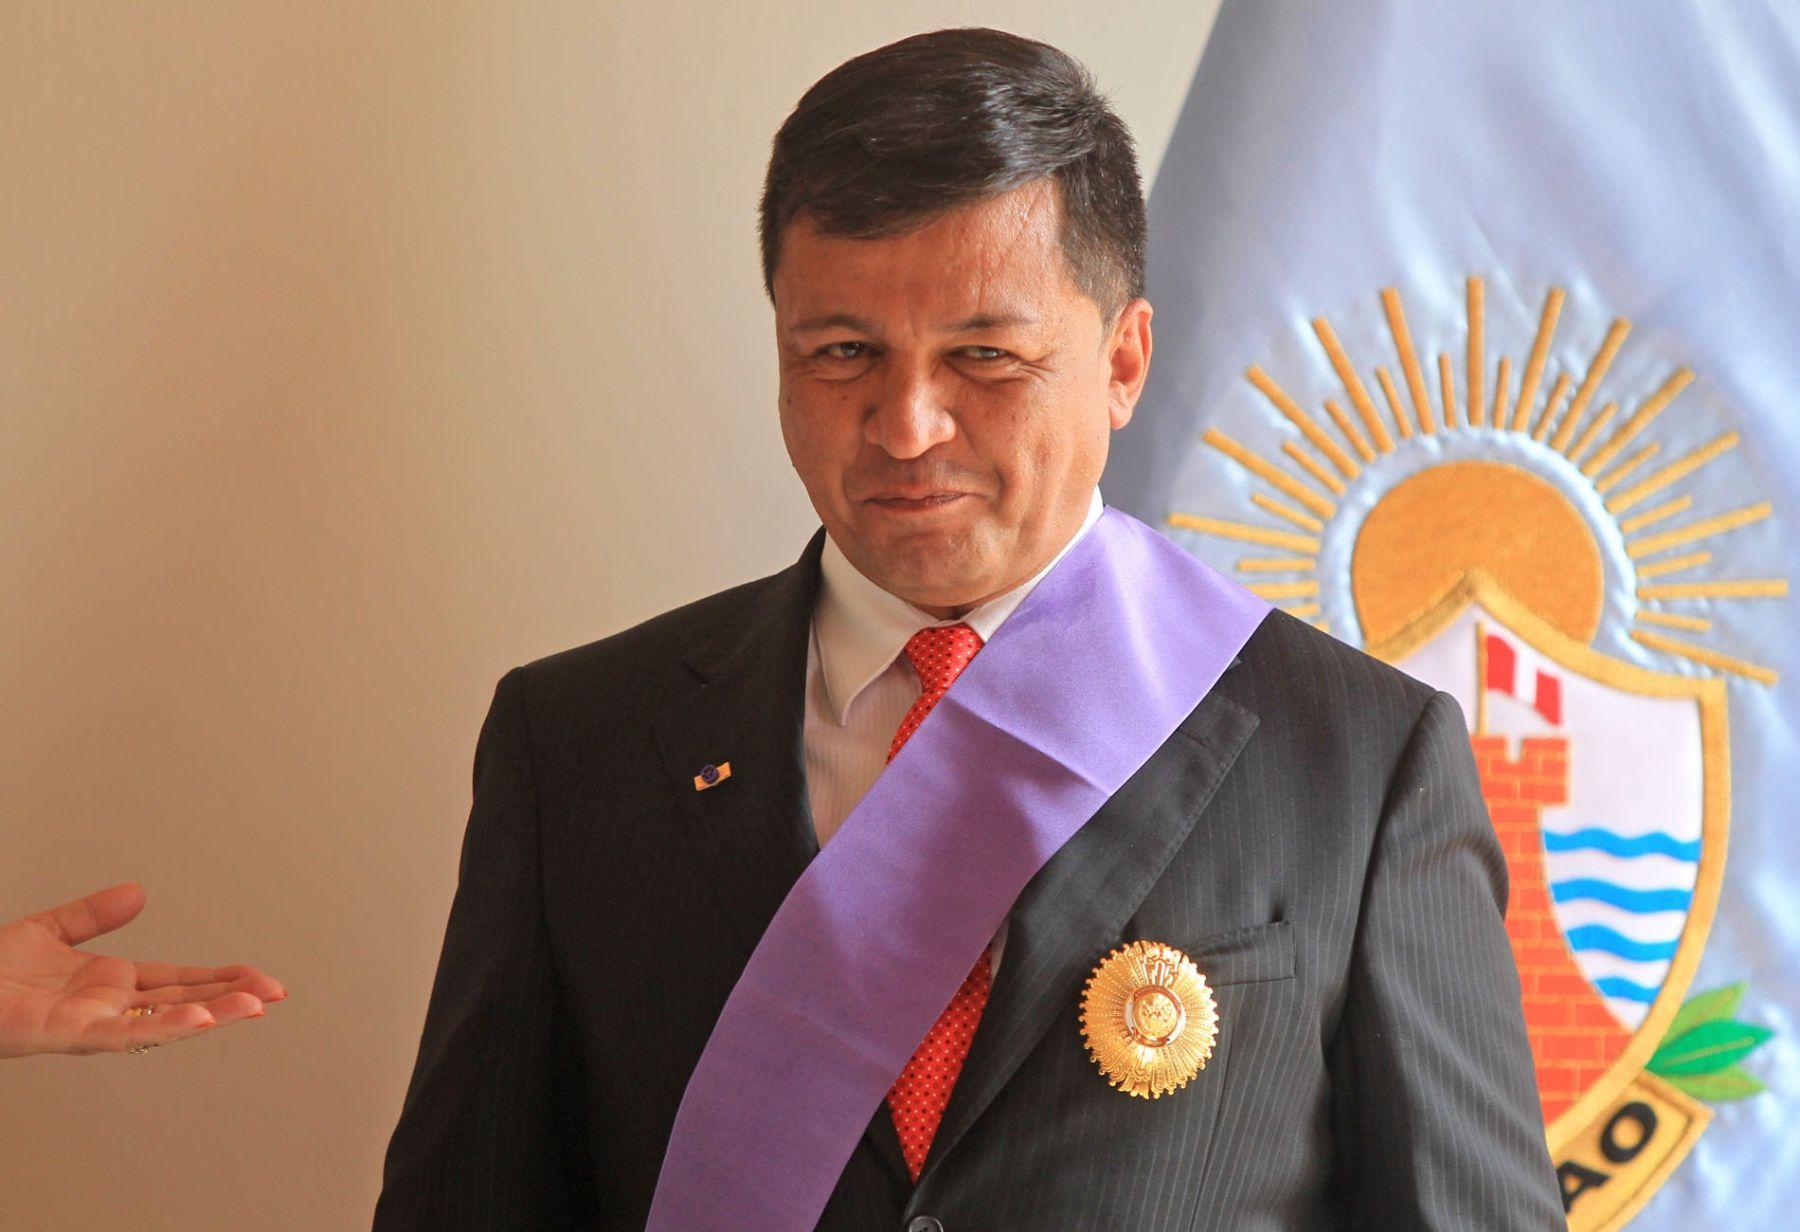 El alcalde del Callao, Juan Sotomayor García, es condecorado por la jefa del Gabinete, Rosario Fernández Figueroa. Foto: ANDINA/Carlos Lezama.